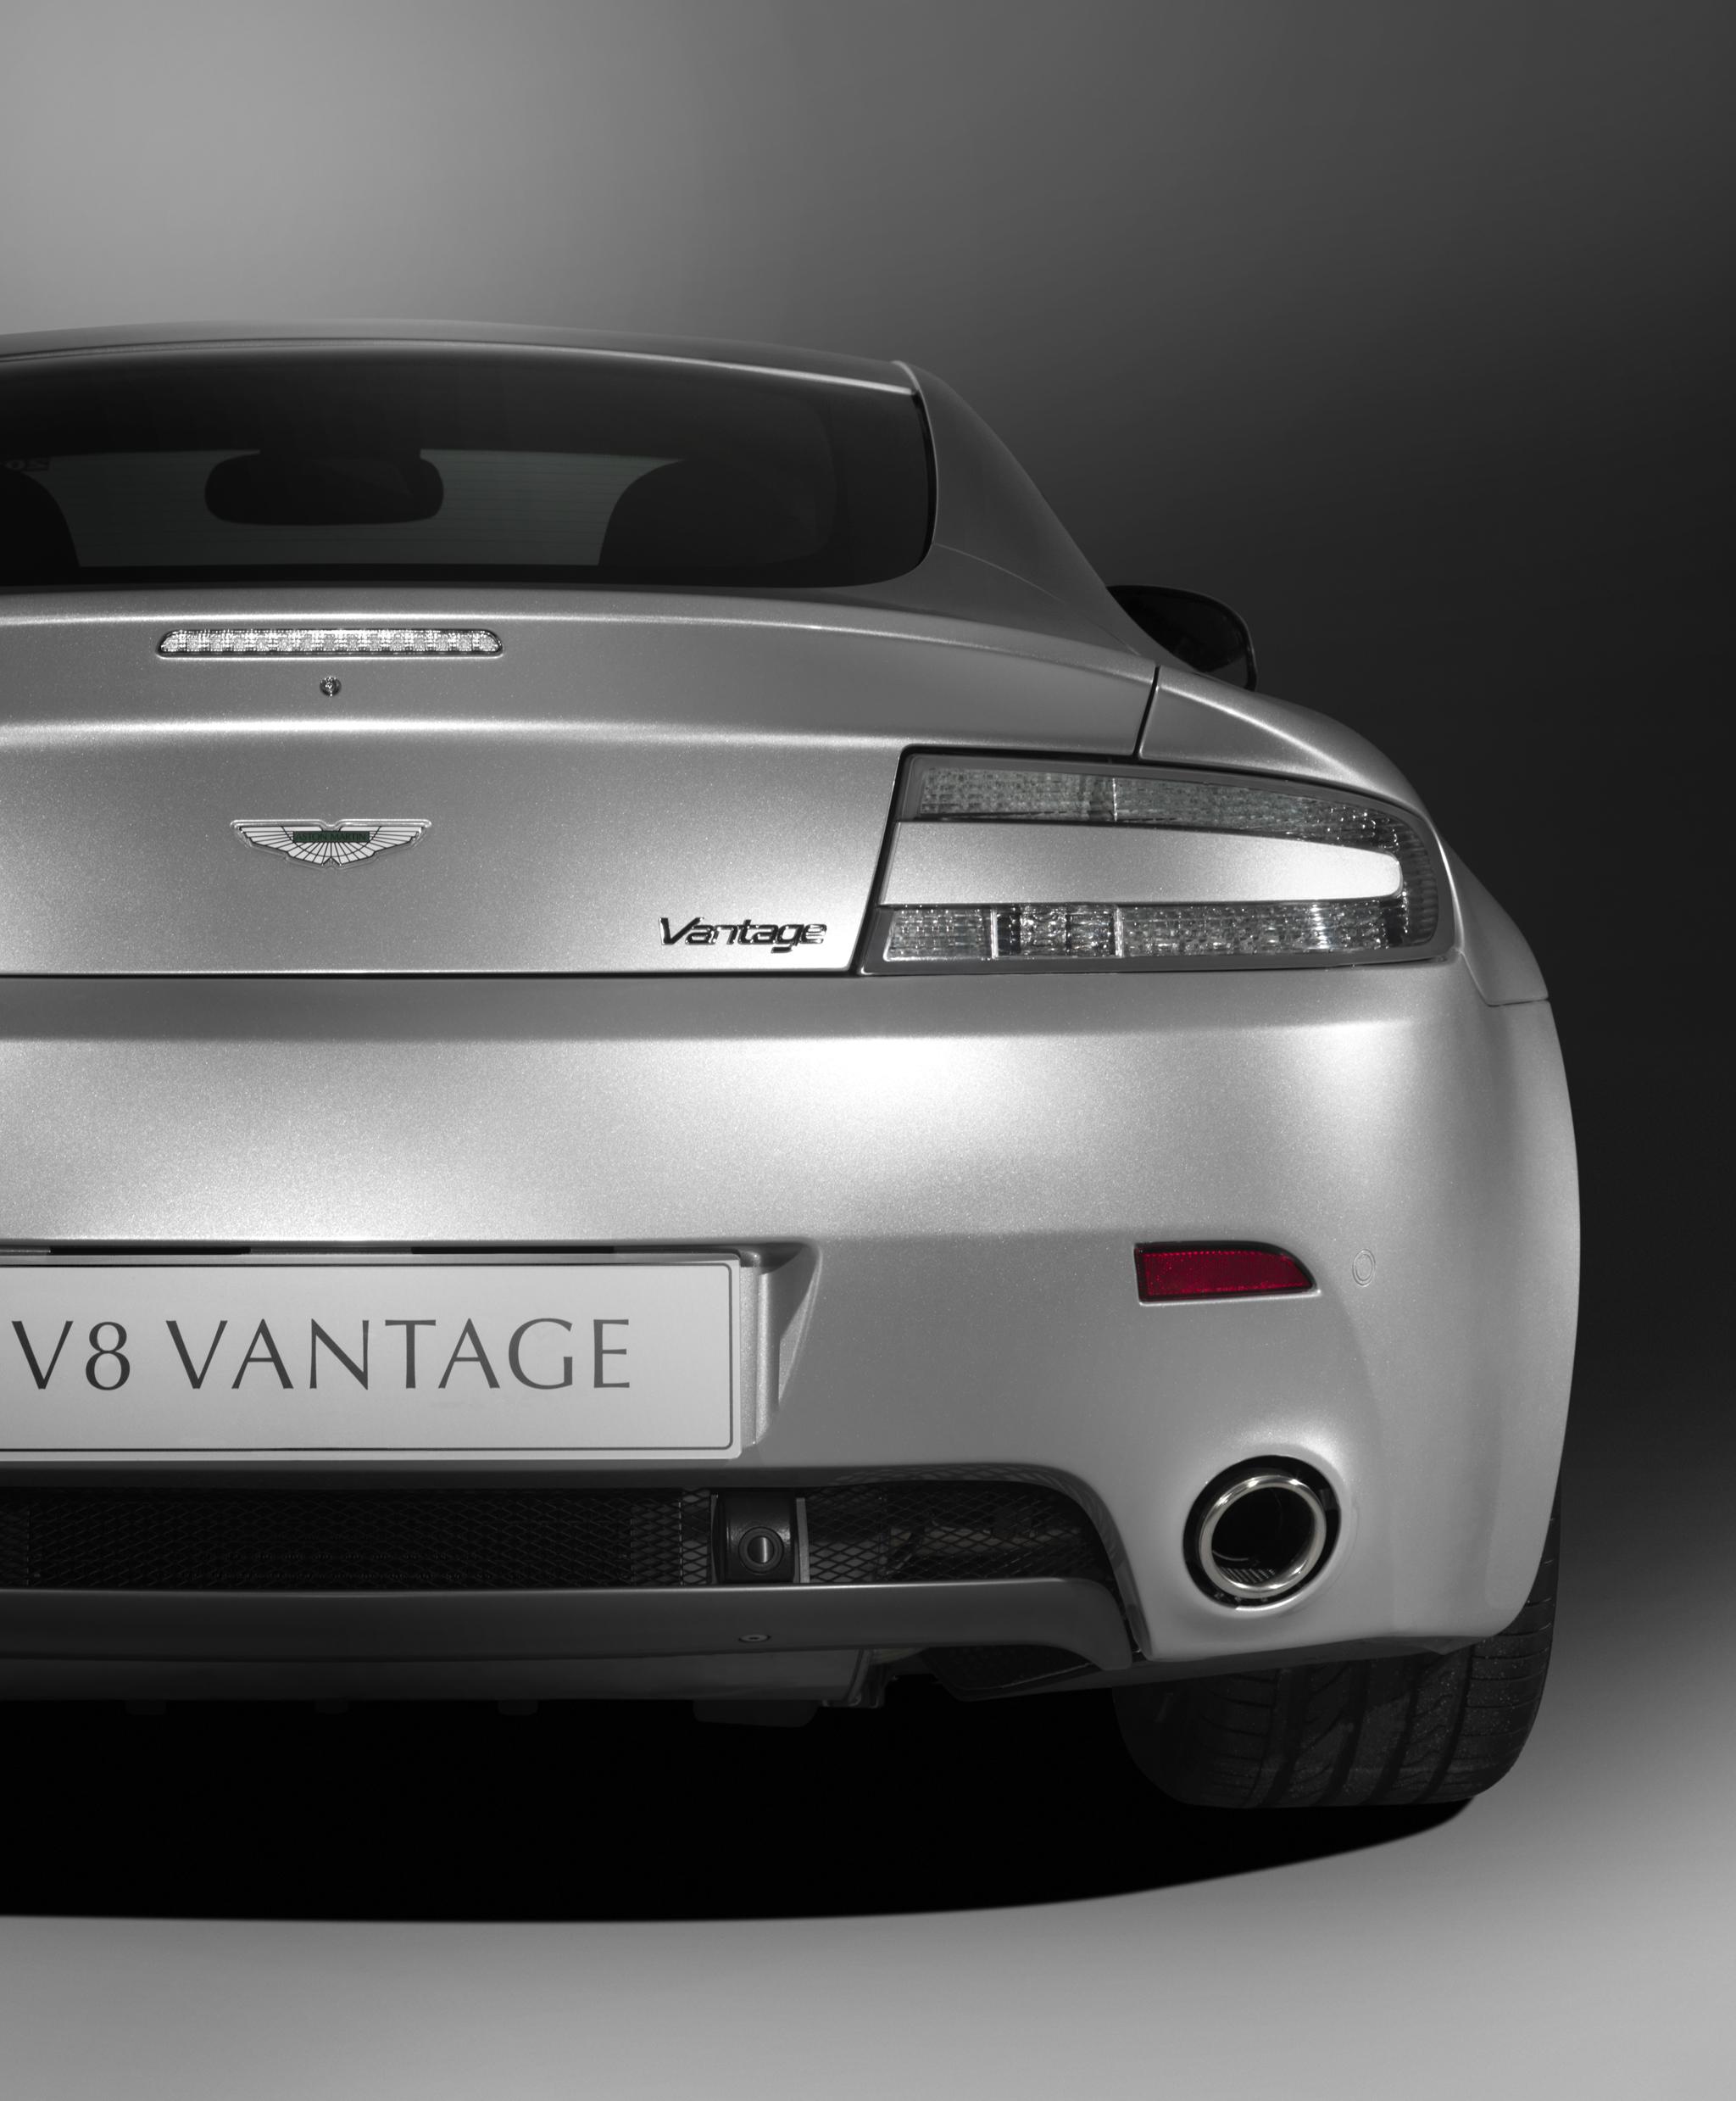 Фото Aston Martin Vantage V8 2008-2020 купе